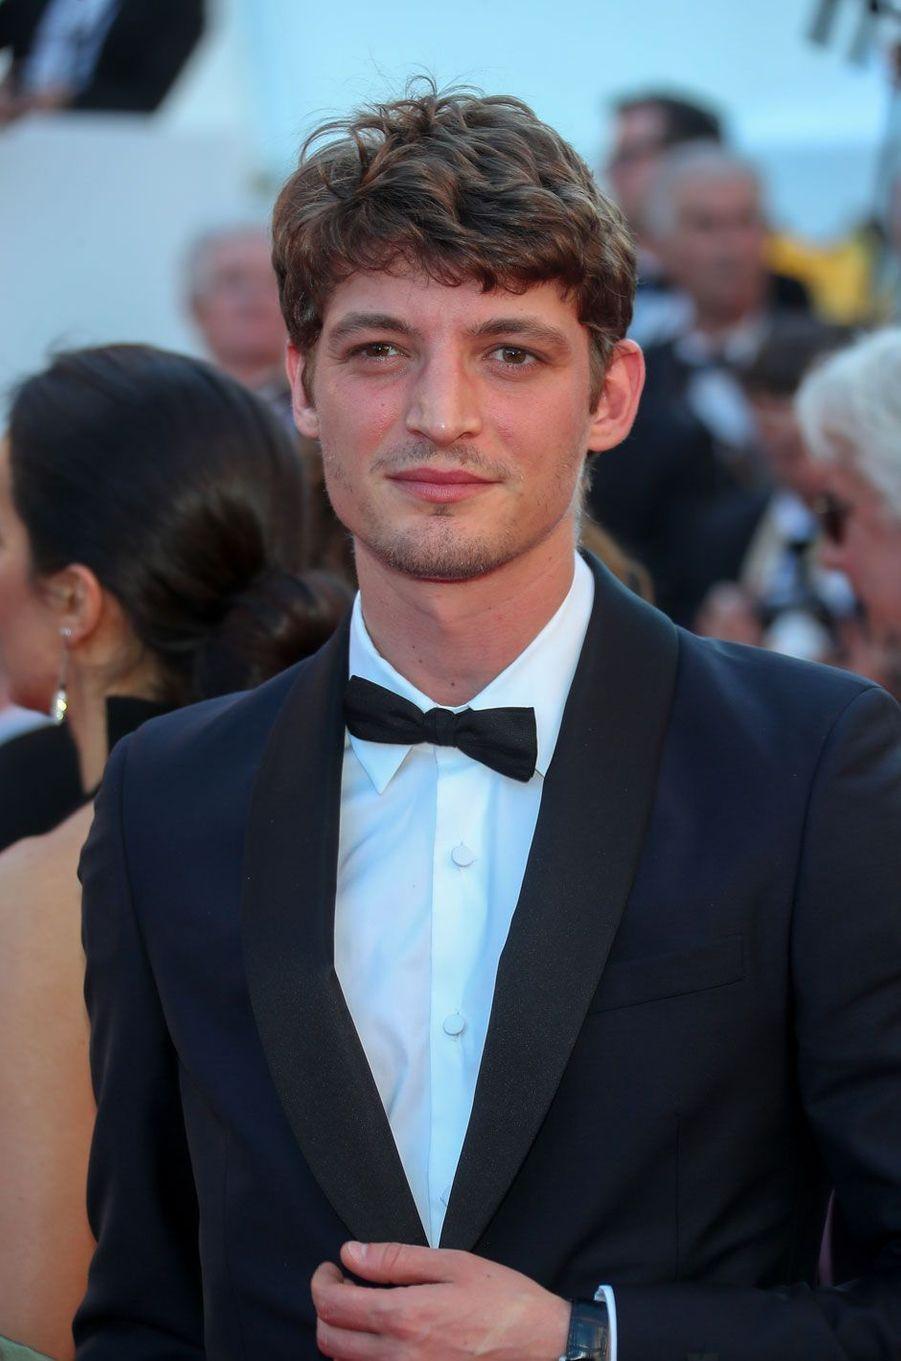 Niels Schneider lors de la cérémonie d'ouverture du 70ème Festival International du Film de Cannes, le 17 mai 2017